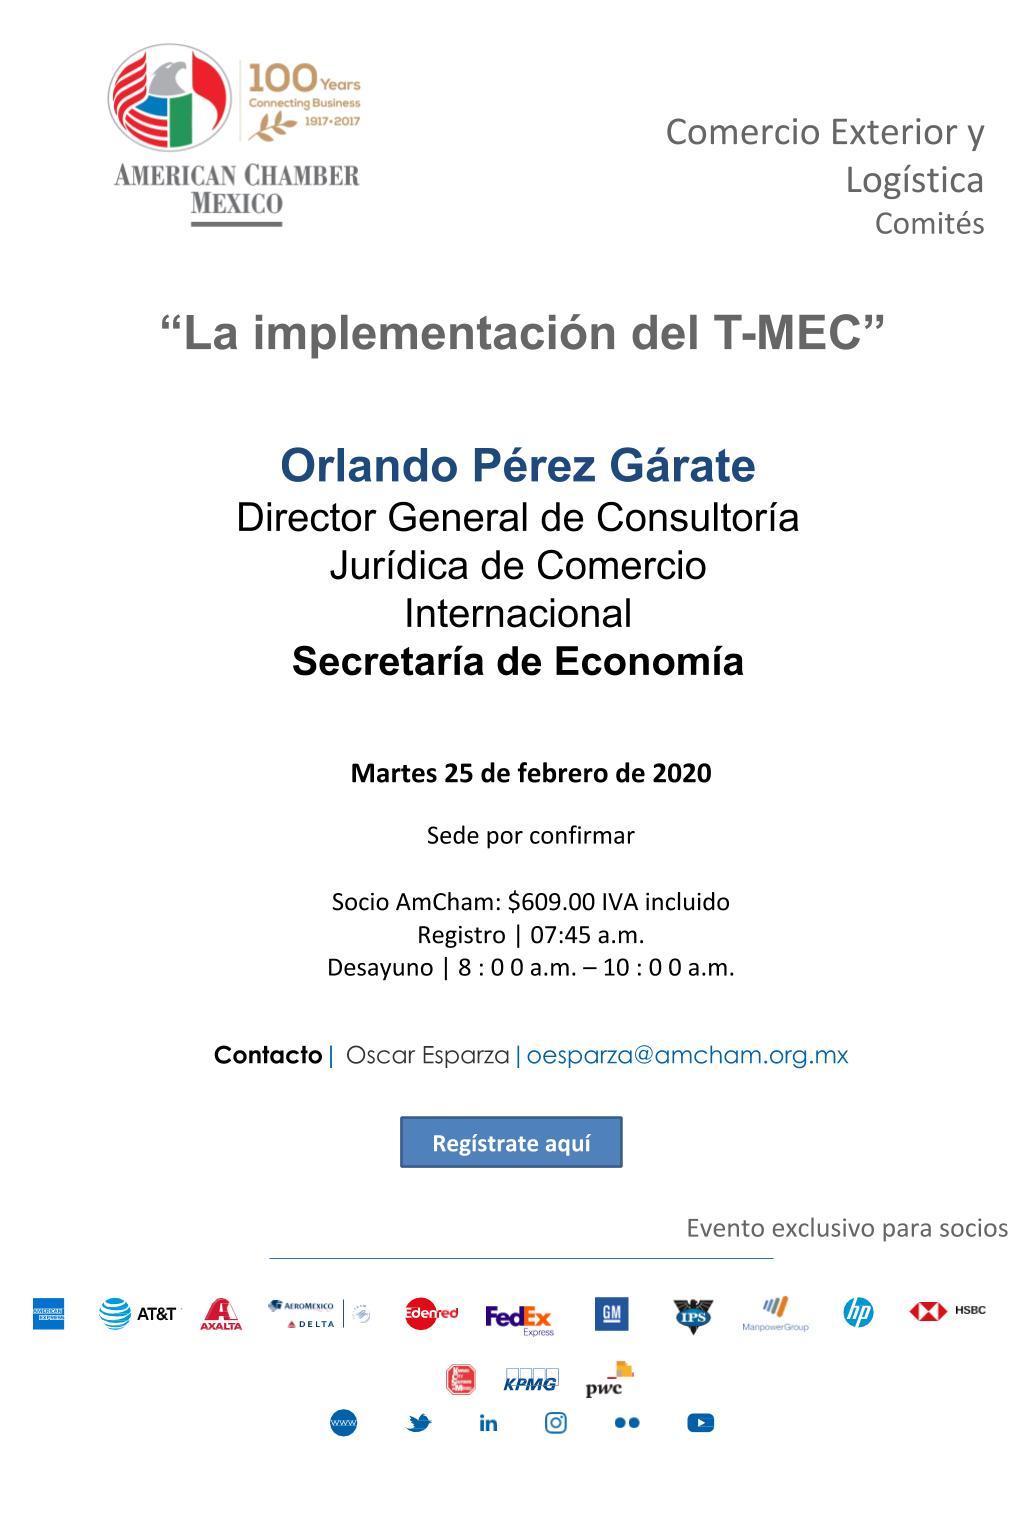 """Sesión del Comité de Comercio Exterior y Logística: """"Implementación del T-MEC"""""""